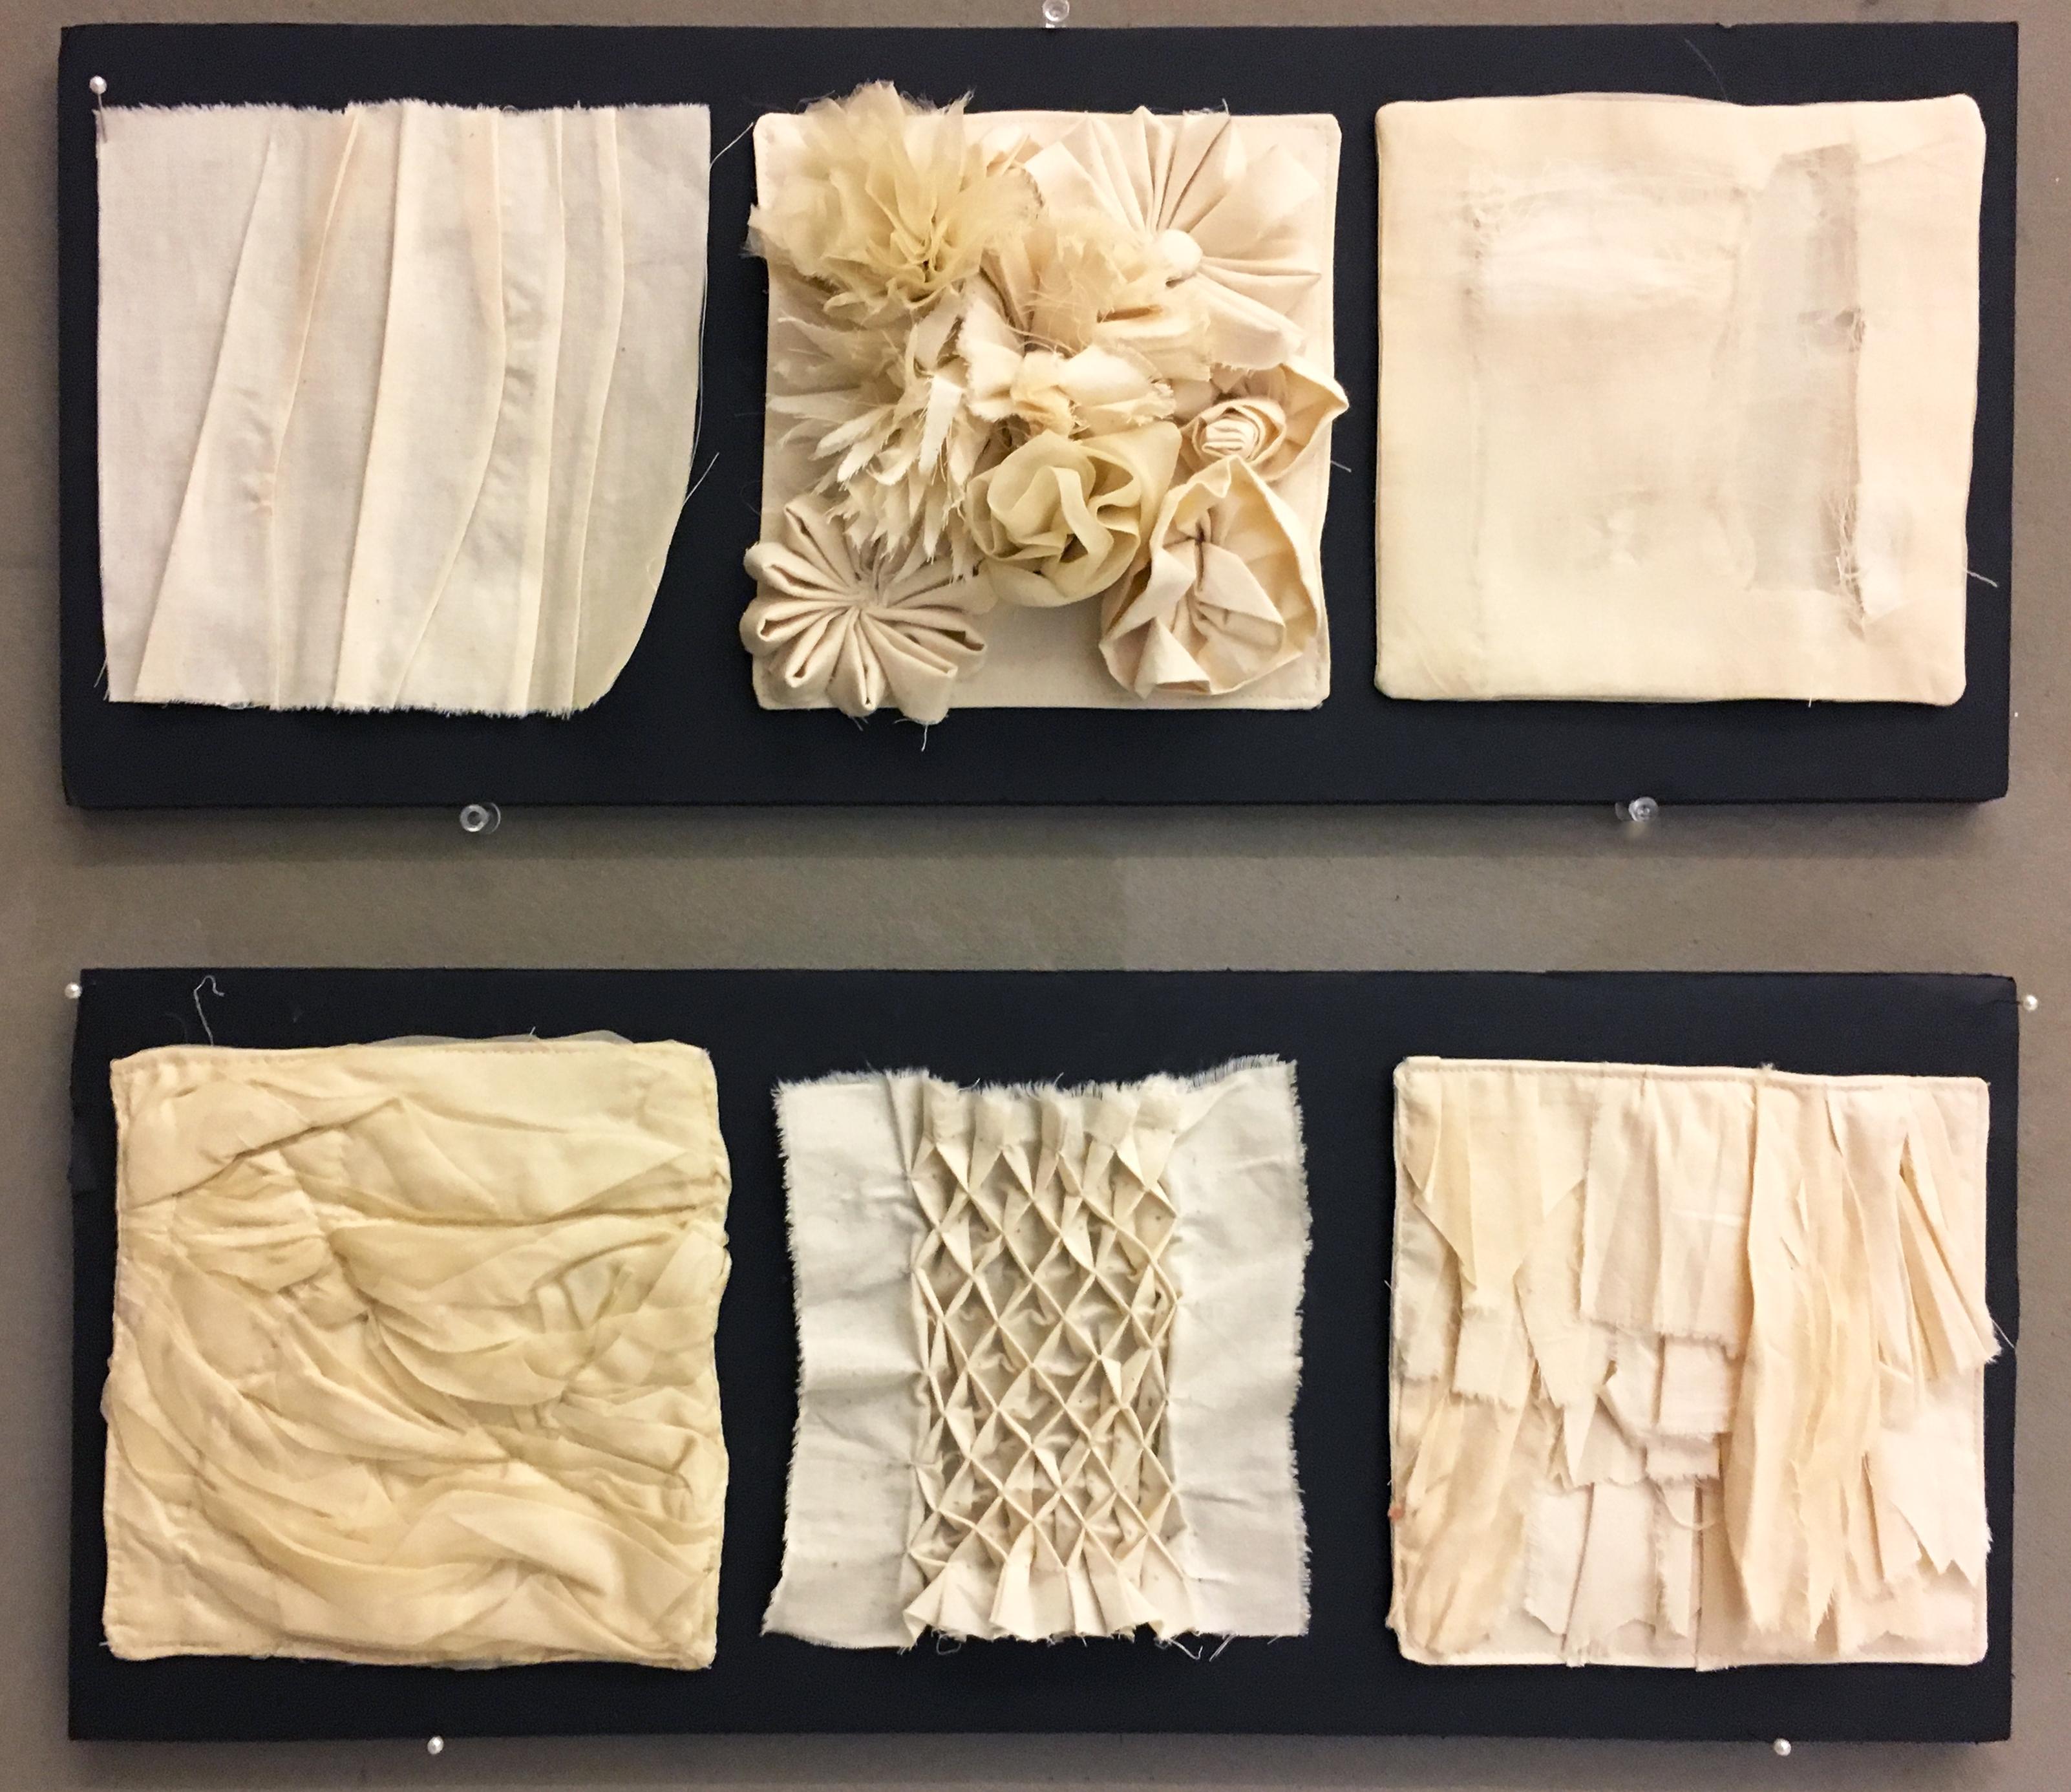 Fabric Manipulations: Beauty Analysis